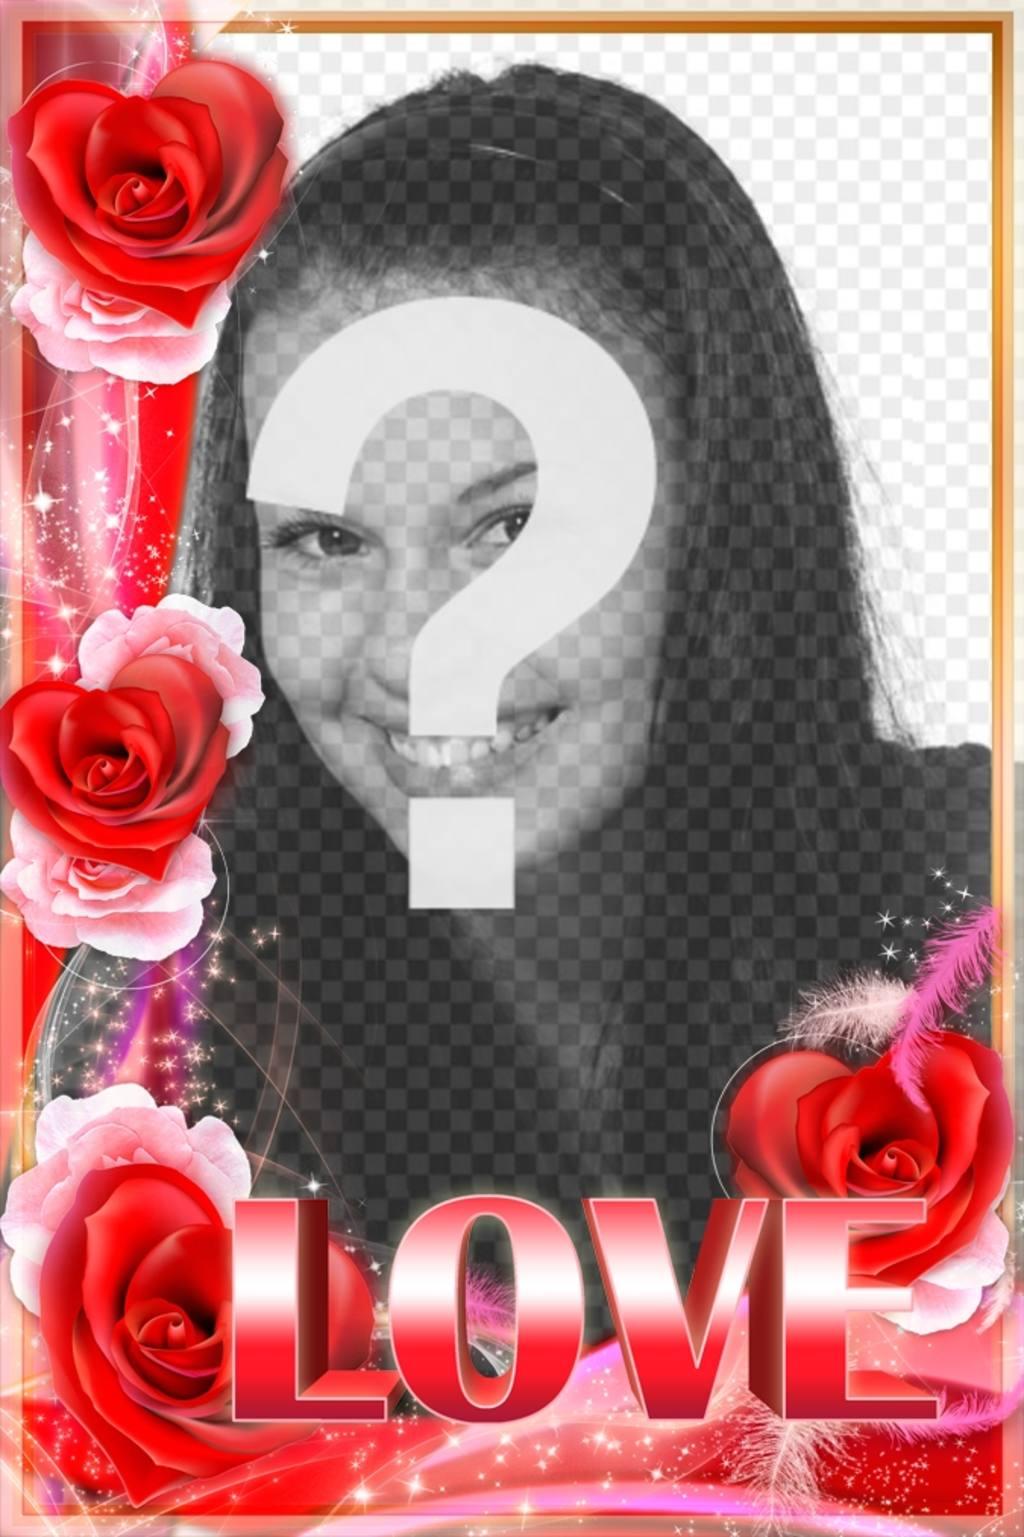 marco fotos amor borde rosas palabra love grande fotos